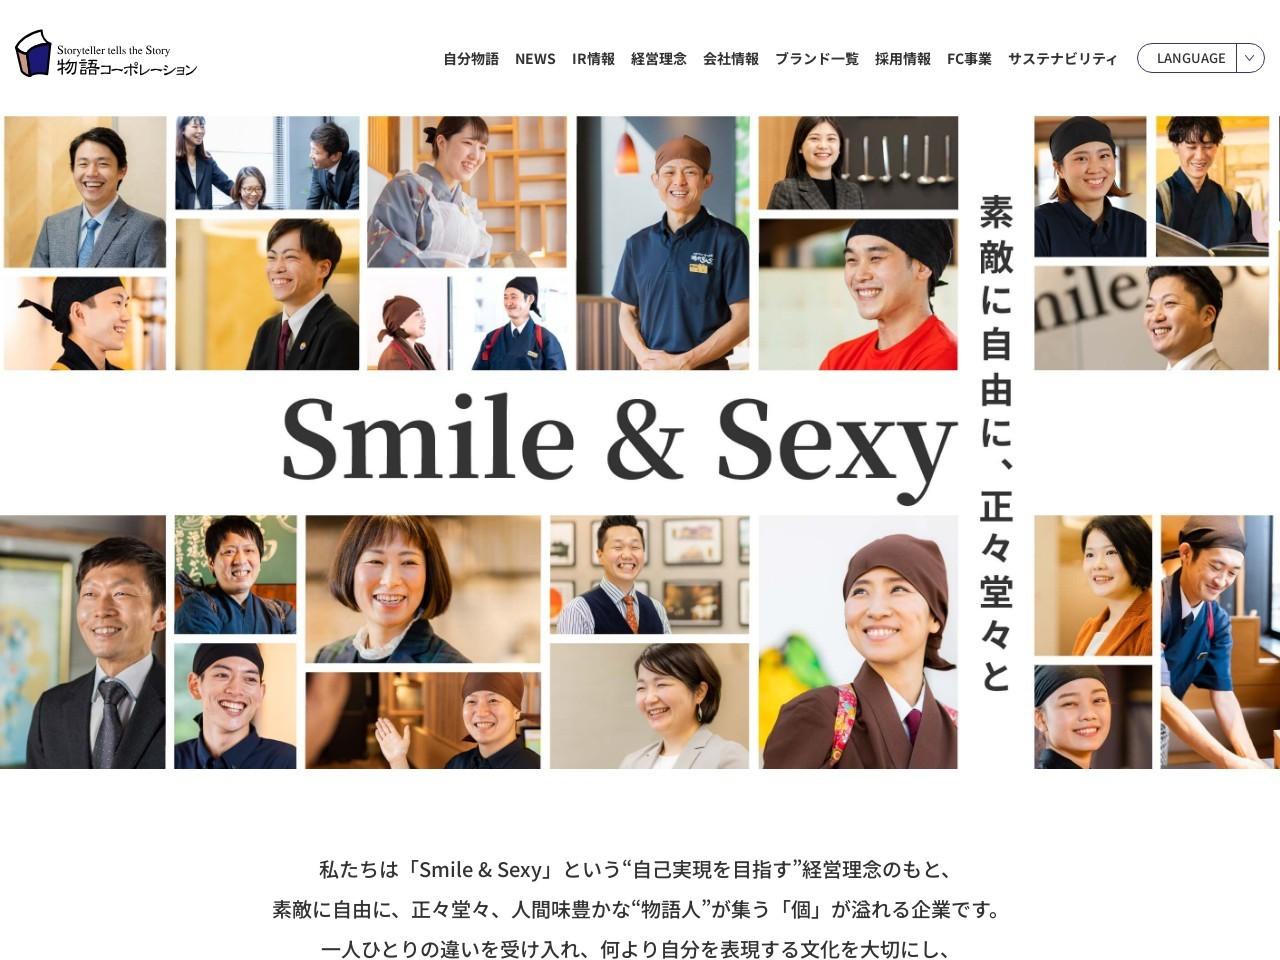 株式会社物語コーポレーション東京フォーラムオフィス